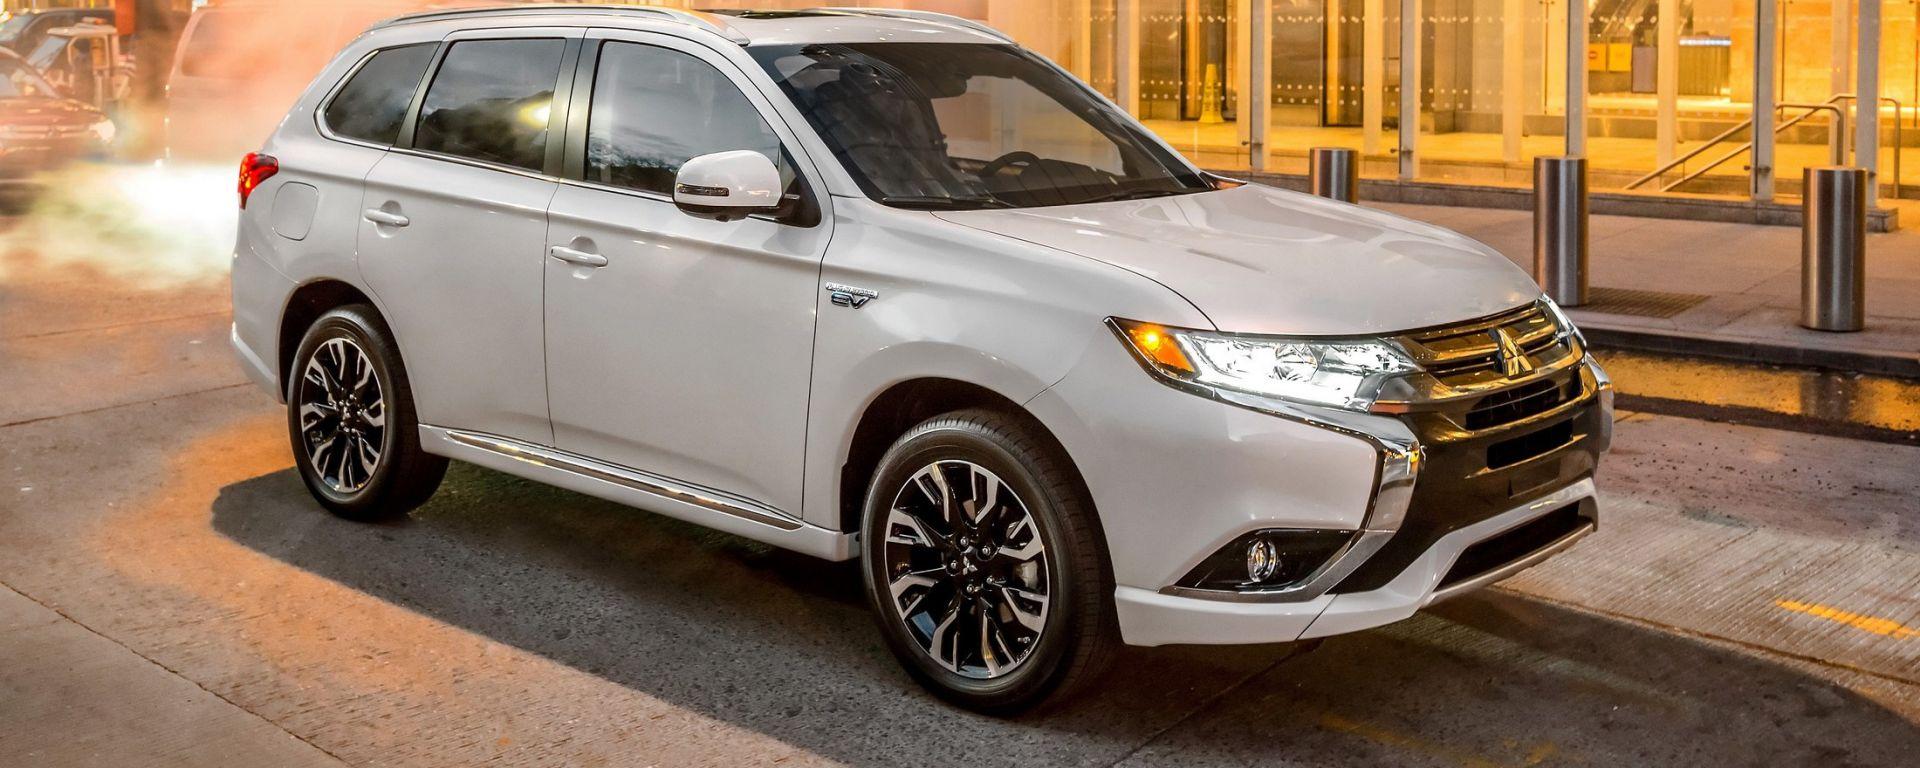 Mitsubishi Outlander PHEV: l'ibrida plug-in violata dagli hacker